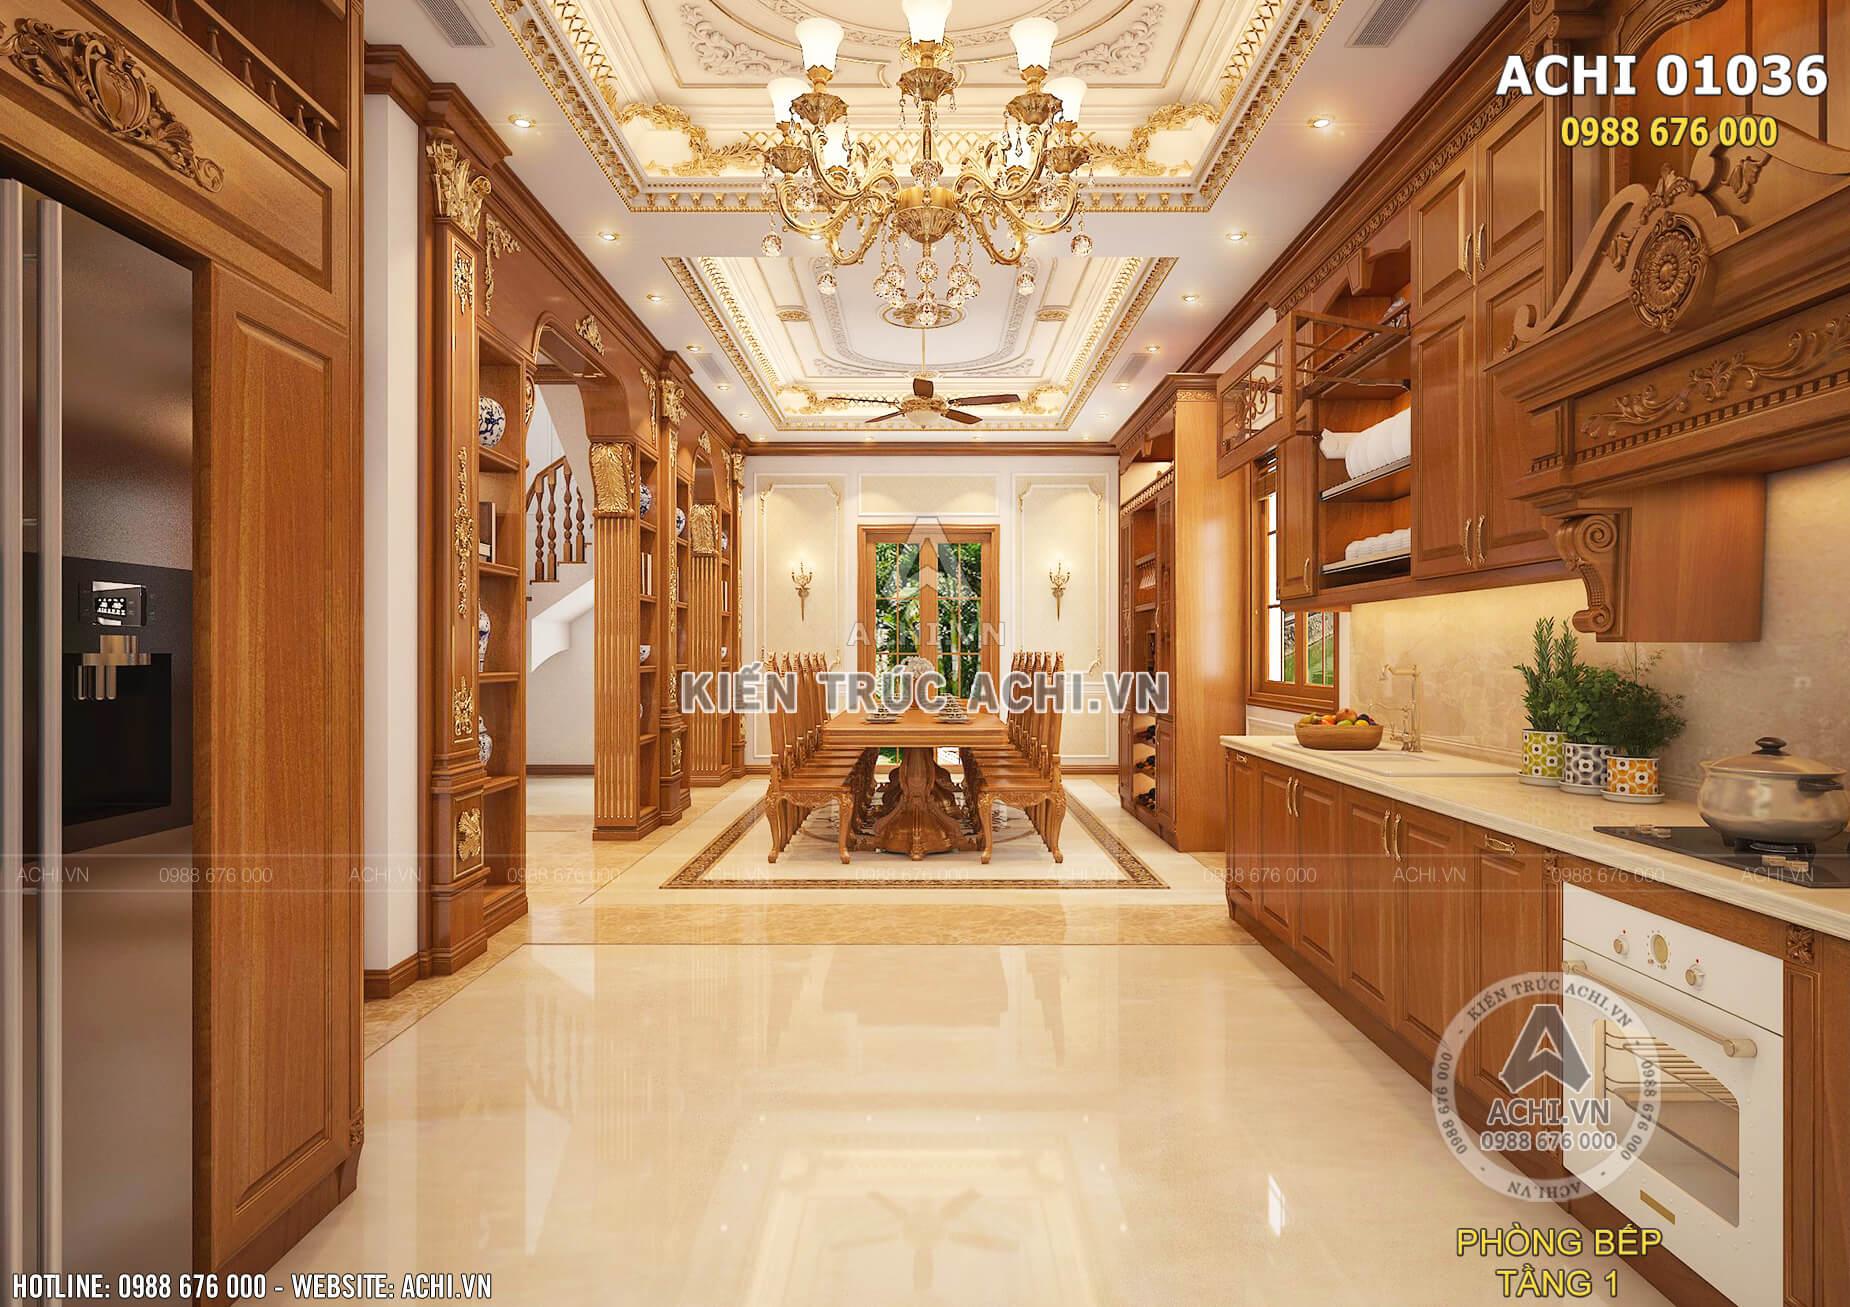 Tổng thể khu bếp được thiết kế thoáng rộng mang đến sự thoải mái